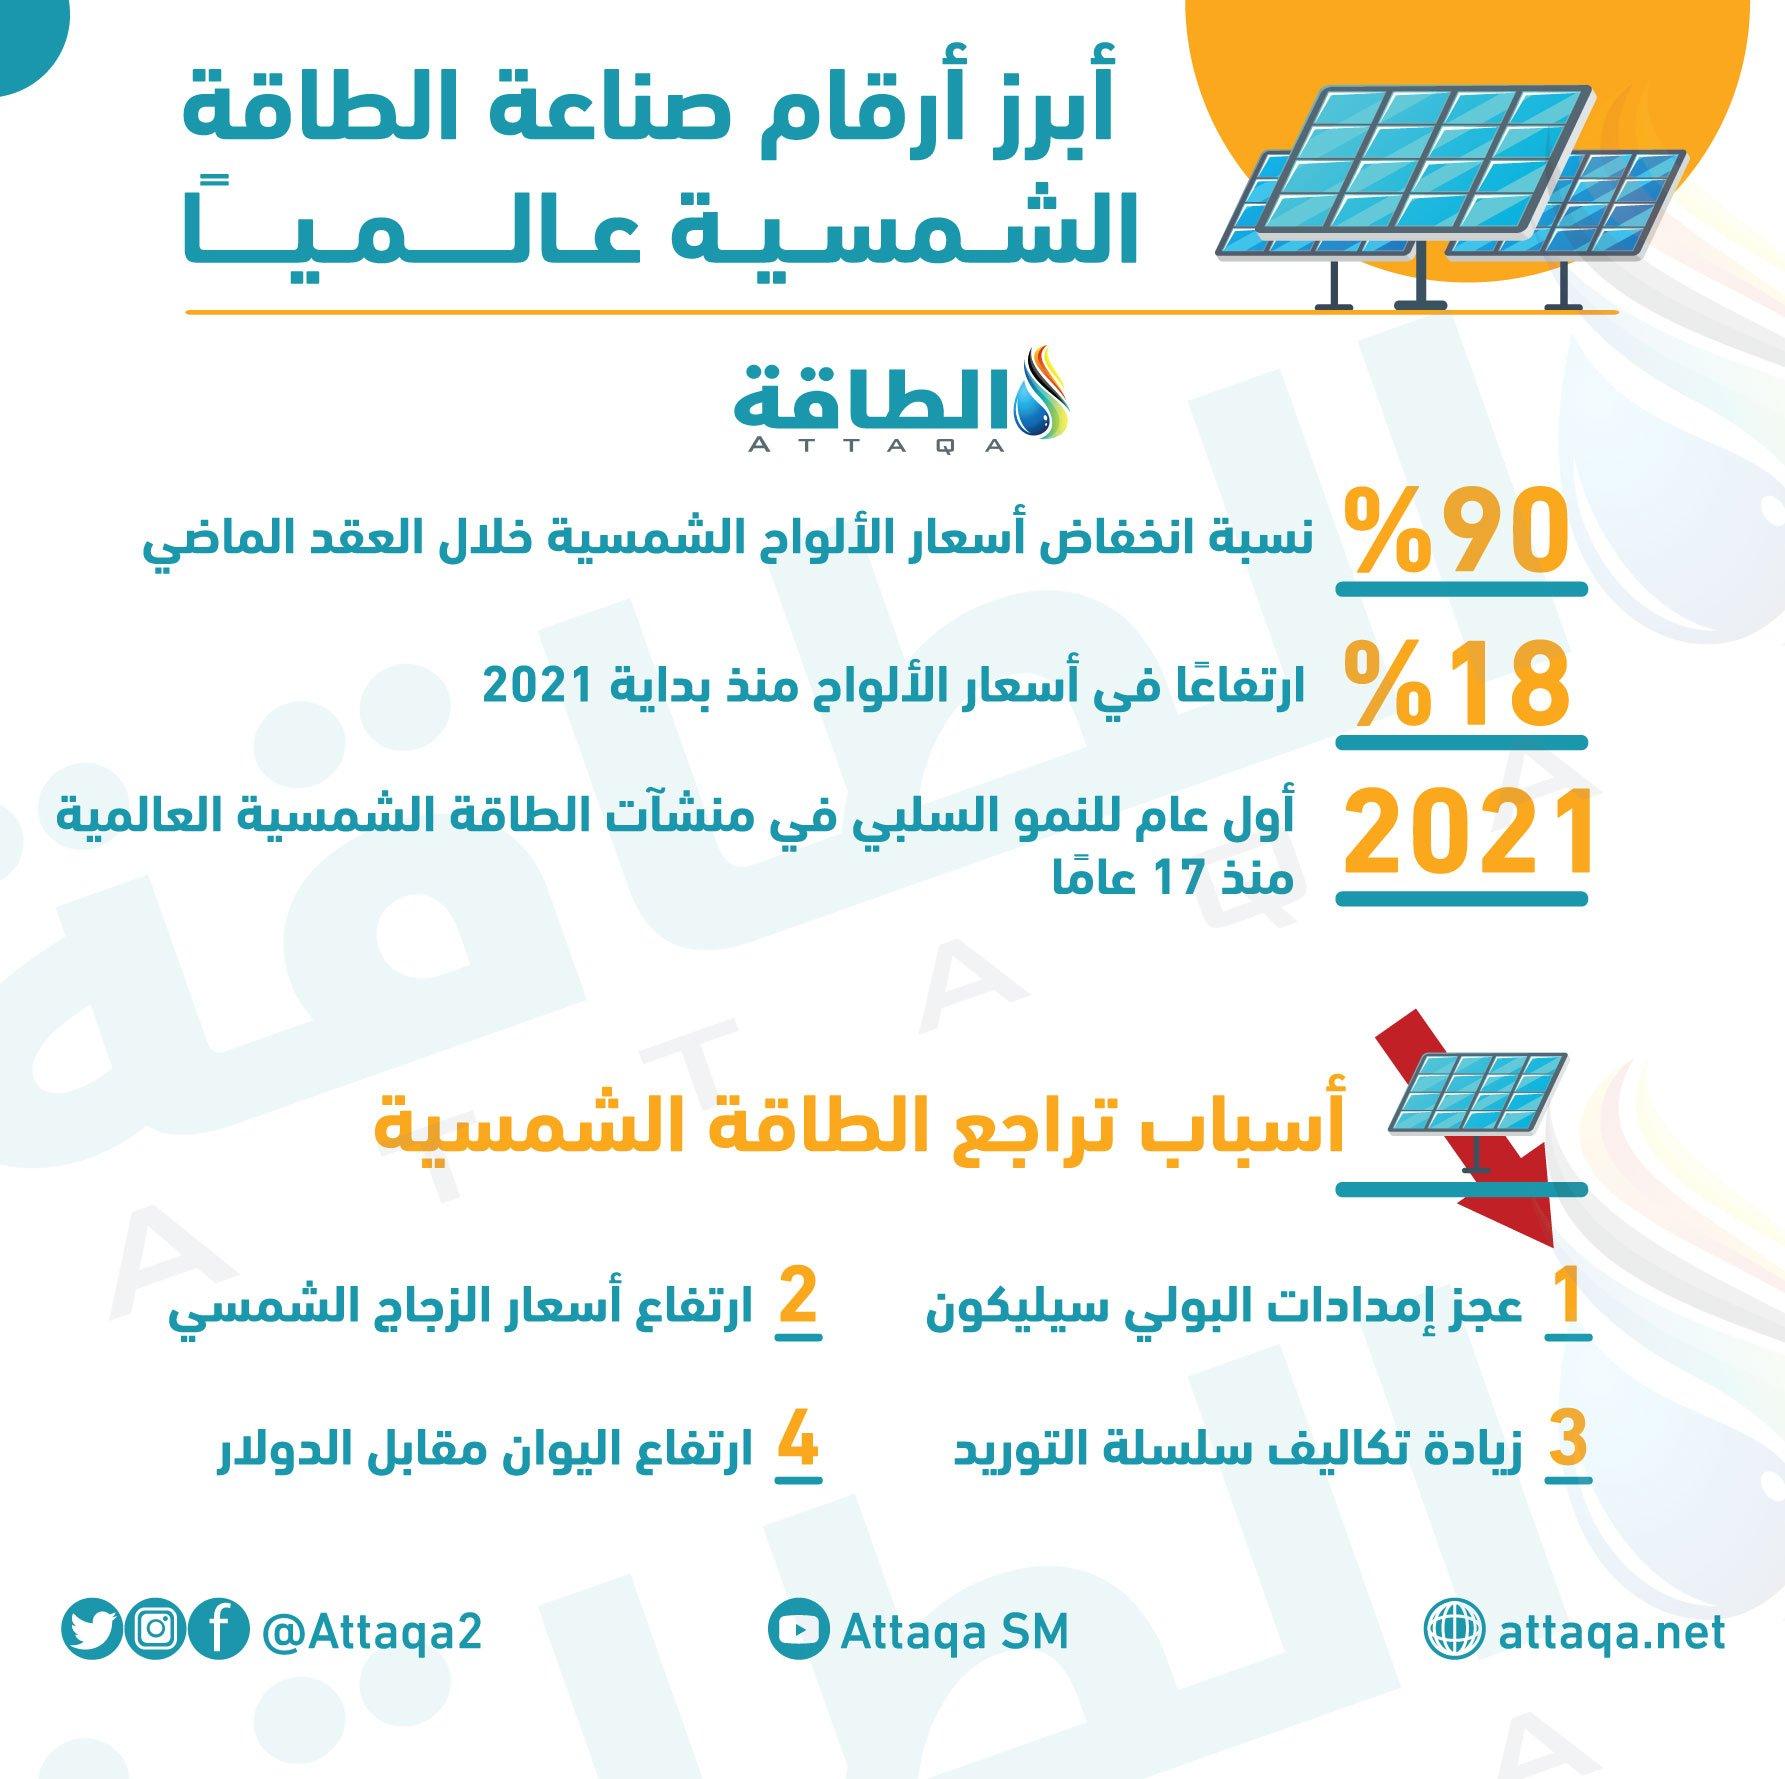 أبرز أرقام الطاقة الشمسية عالميًا